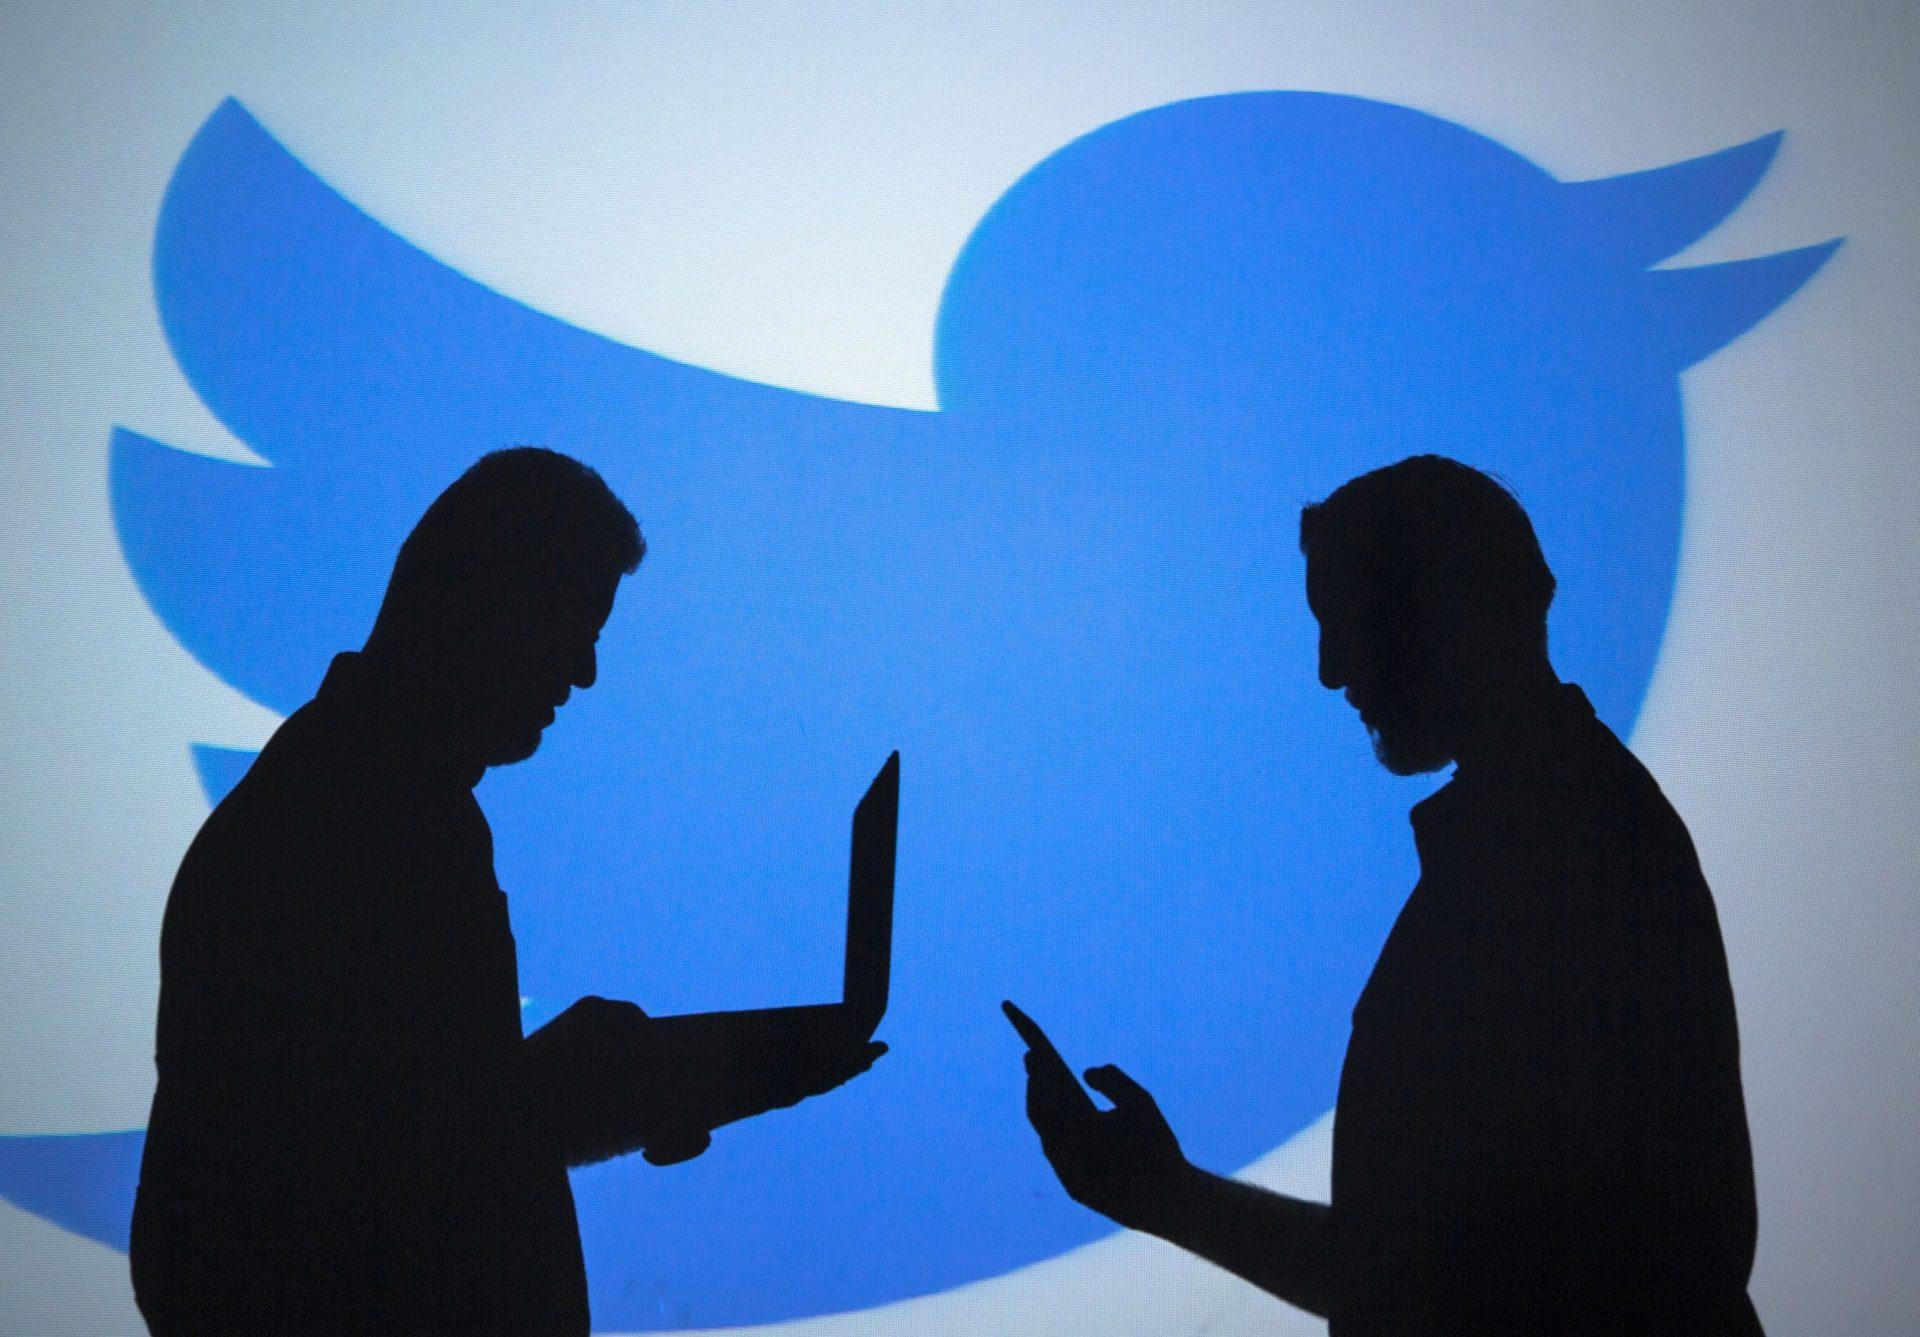 Aproximativ 300.000 de postări înșelătoare, depistate de Twitter în preajma alegerilor americane